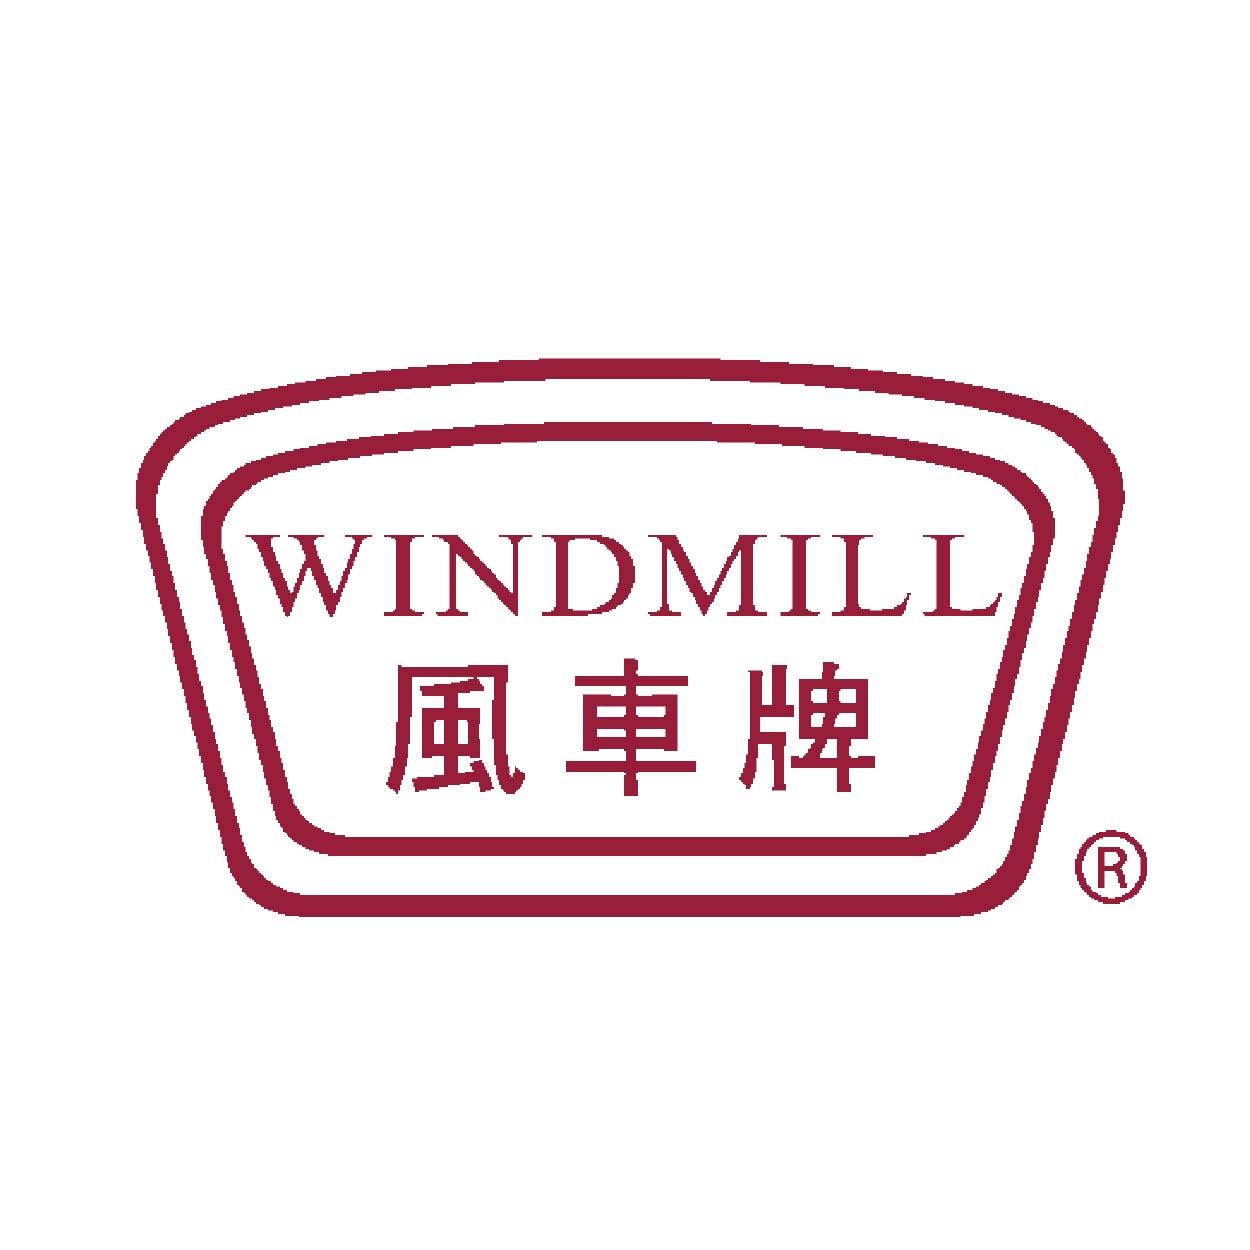 Windmill Brand